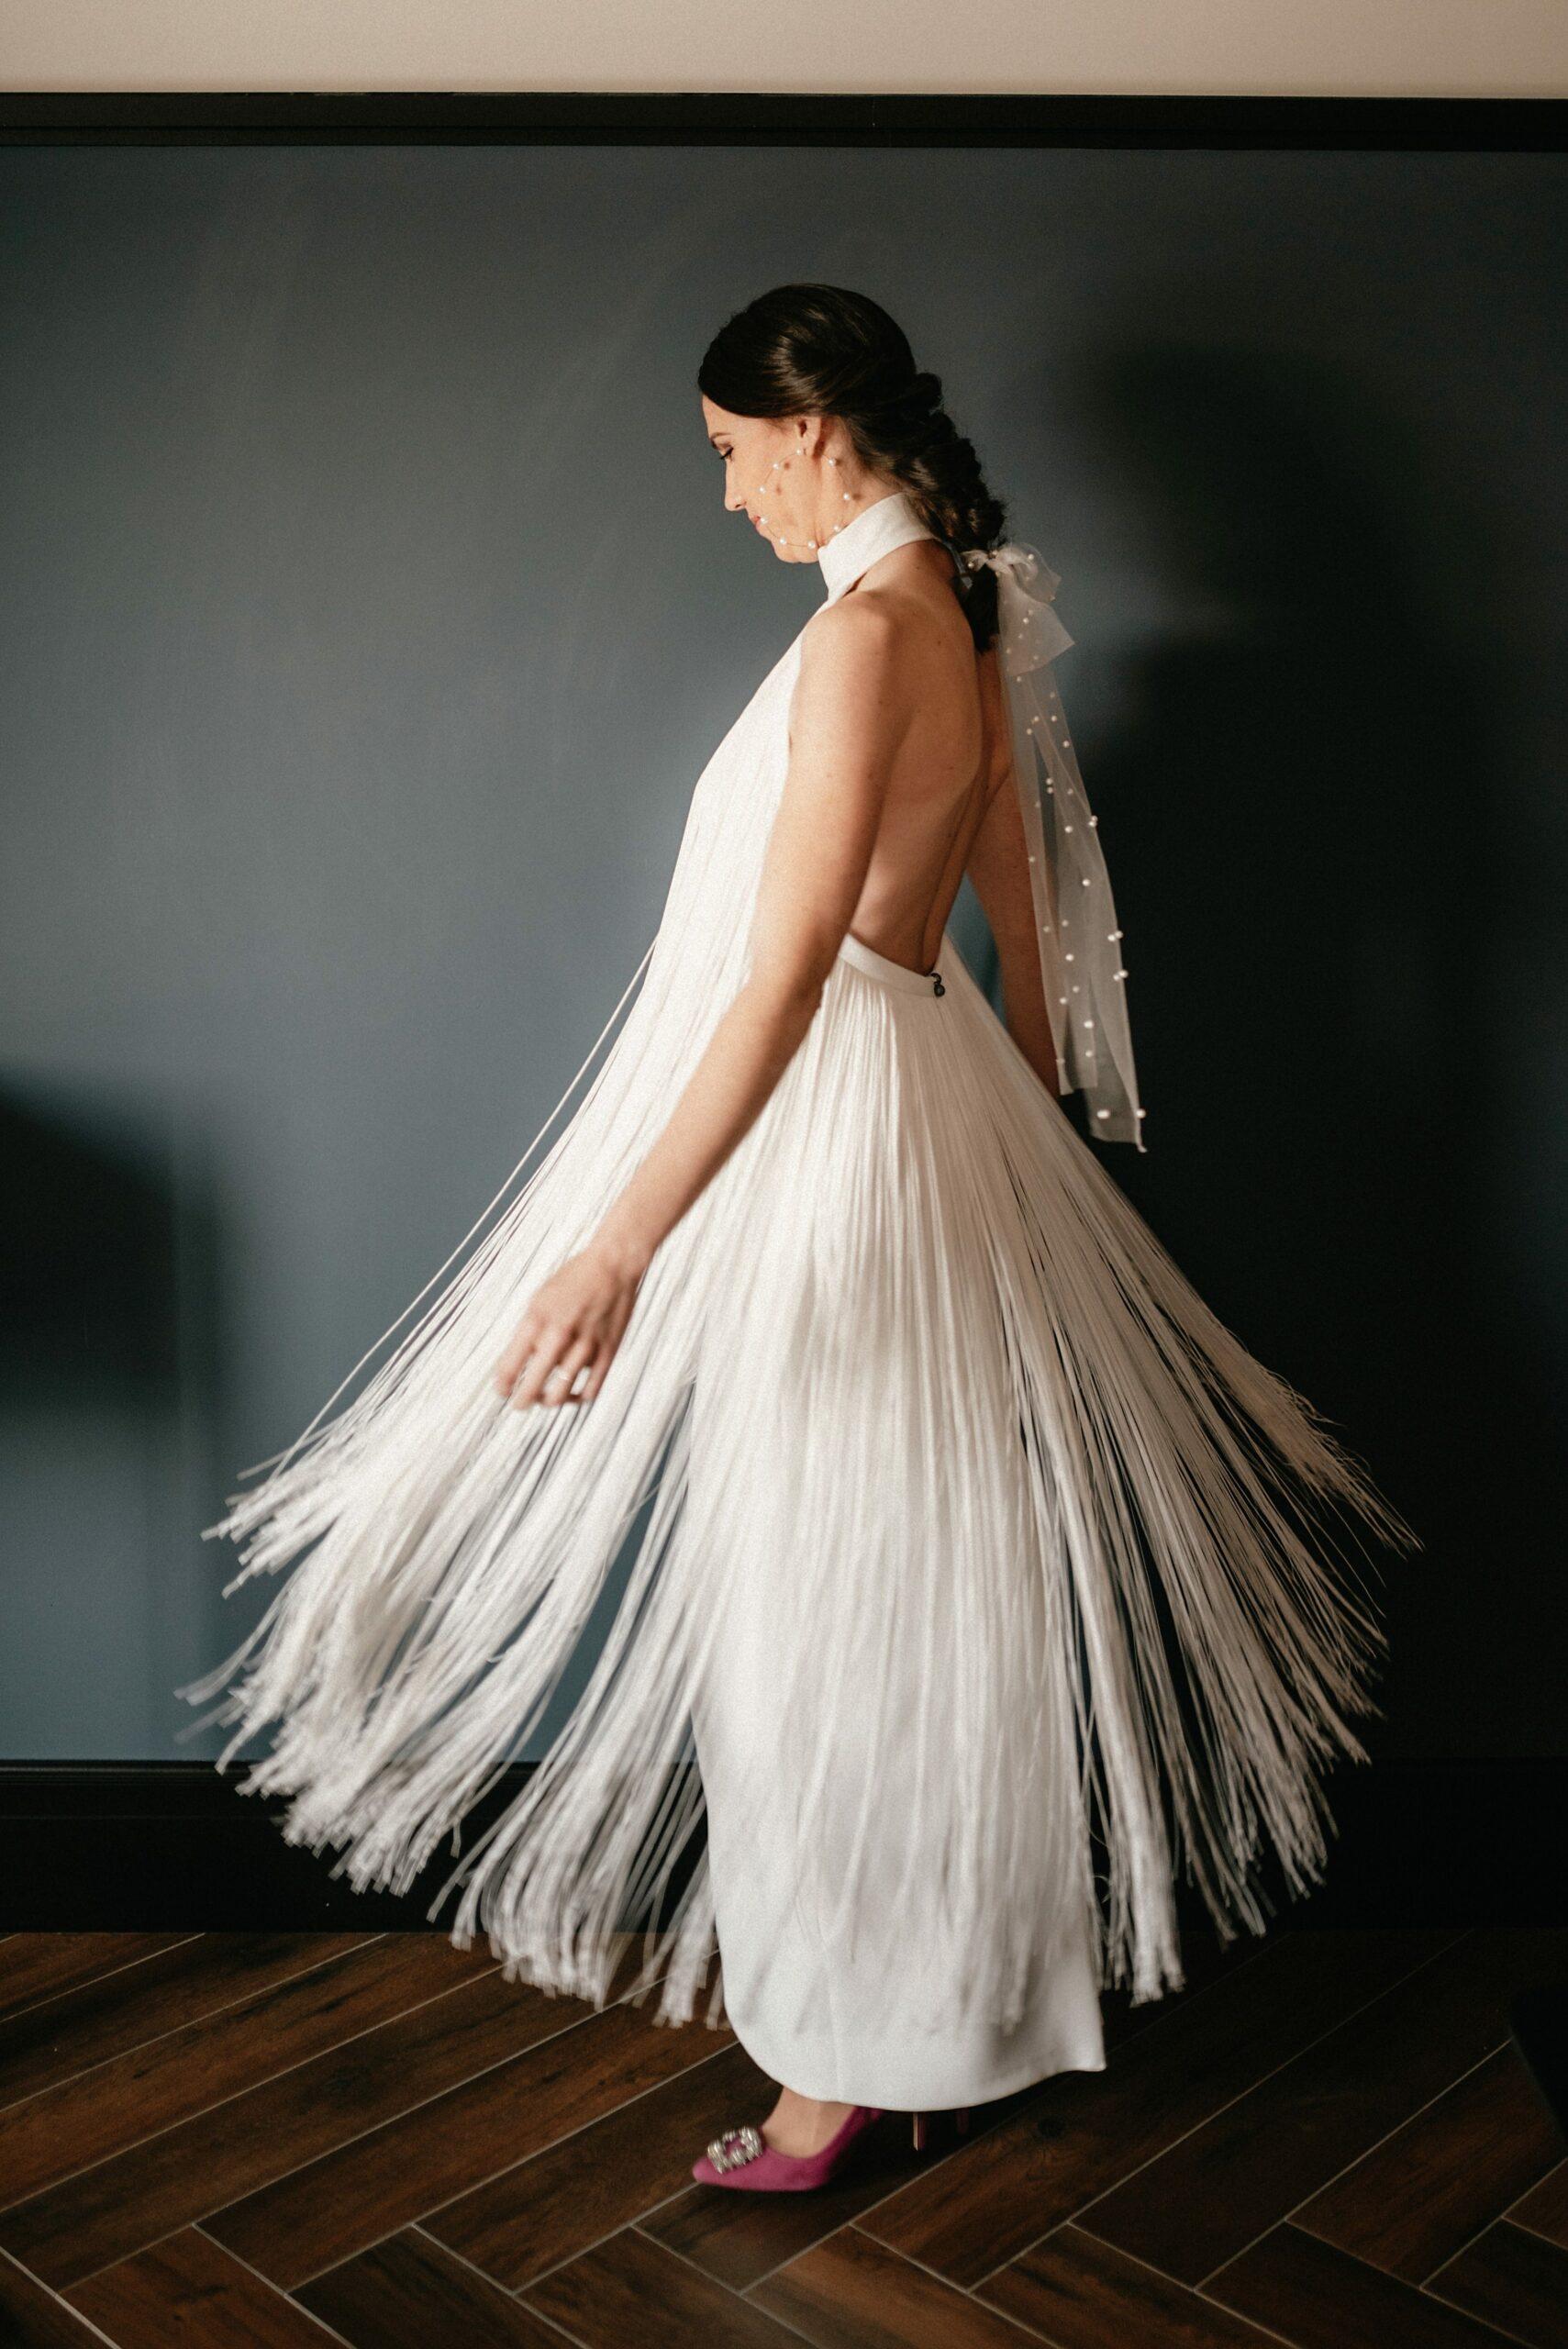 Vestido de Yolanda Torres; Shooting en colaboración con Sastrería Aldabaldetreku